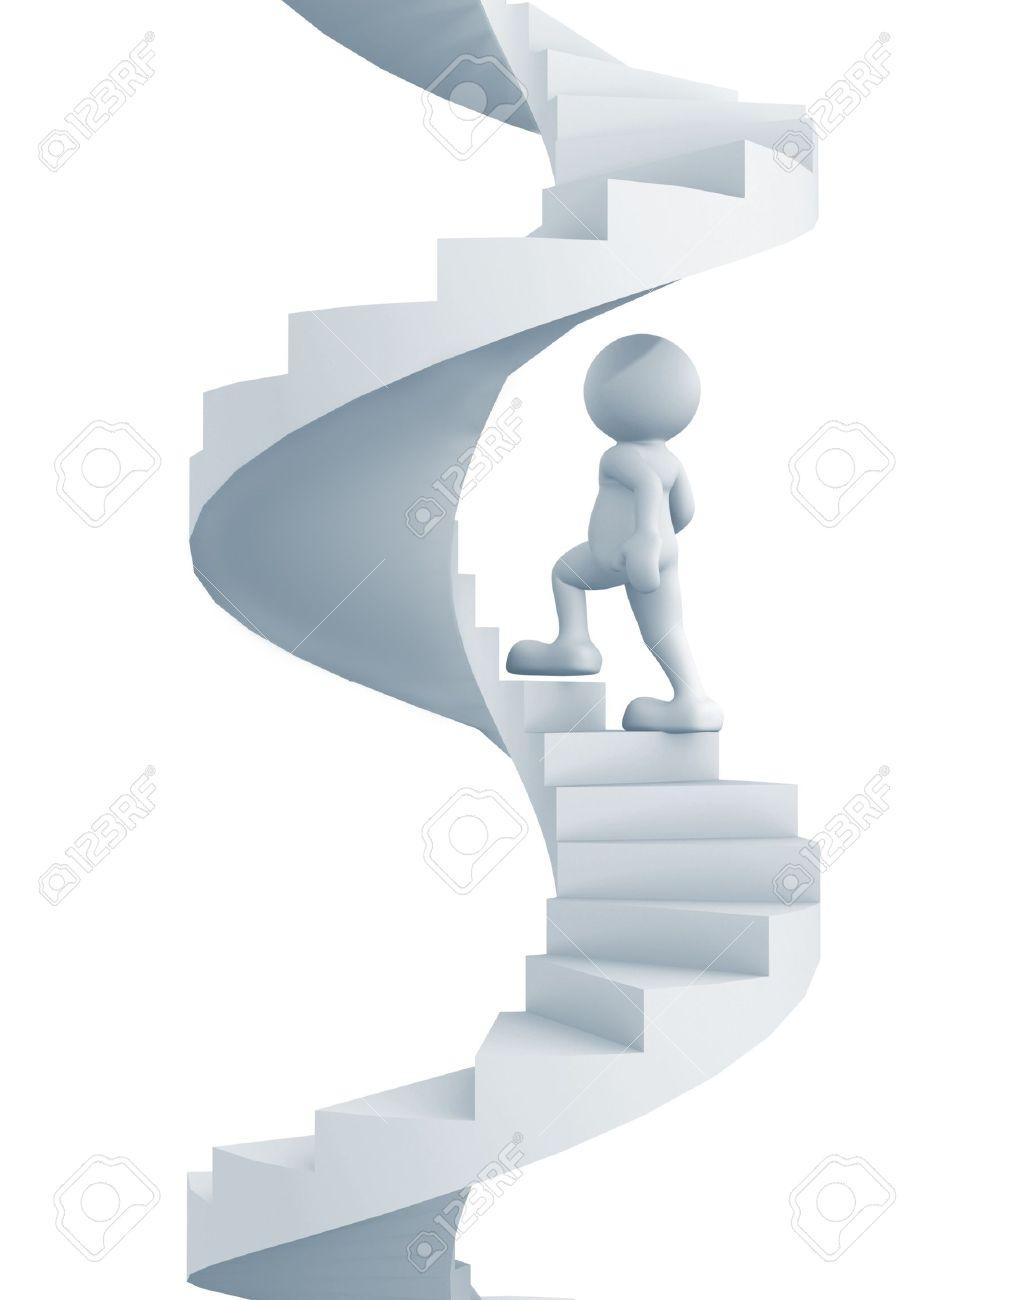 La Gente 3d - Carácter Humano Subir La Escalera De Caracol ...